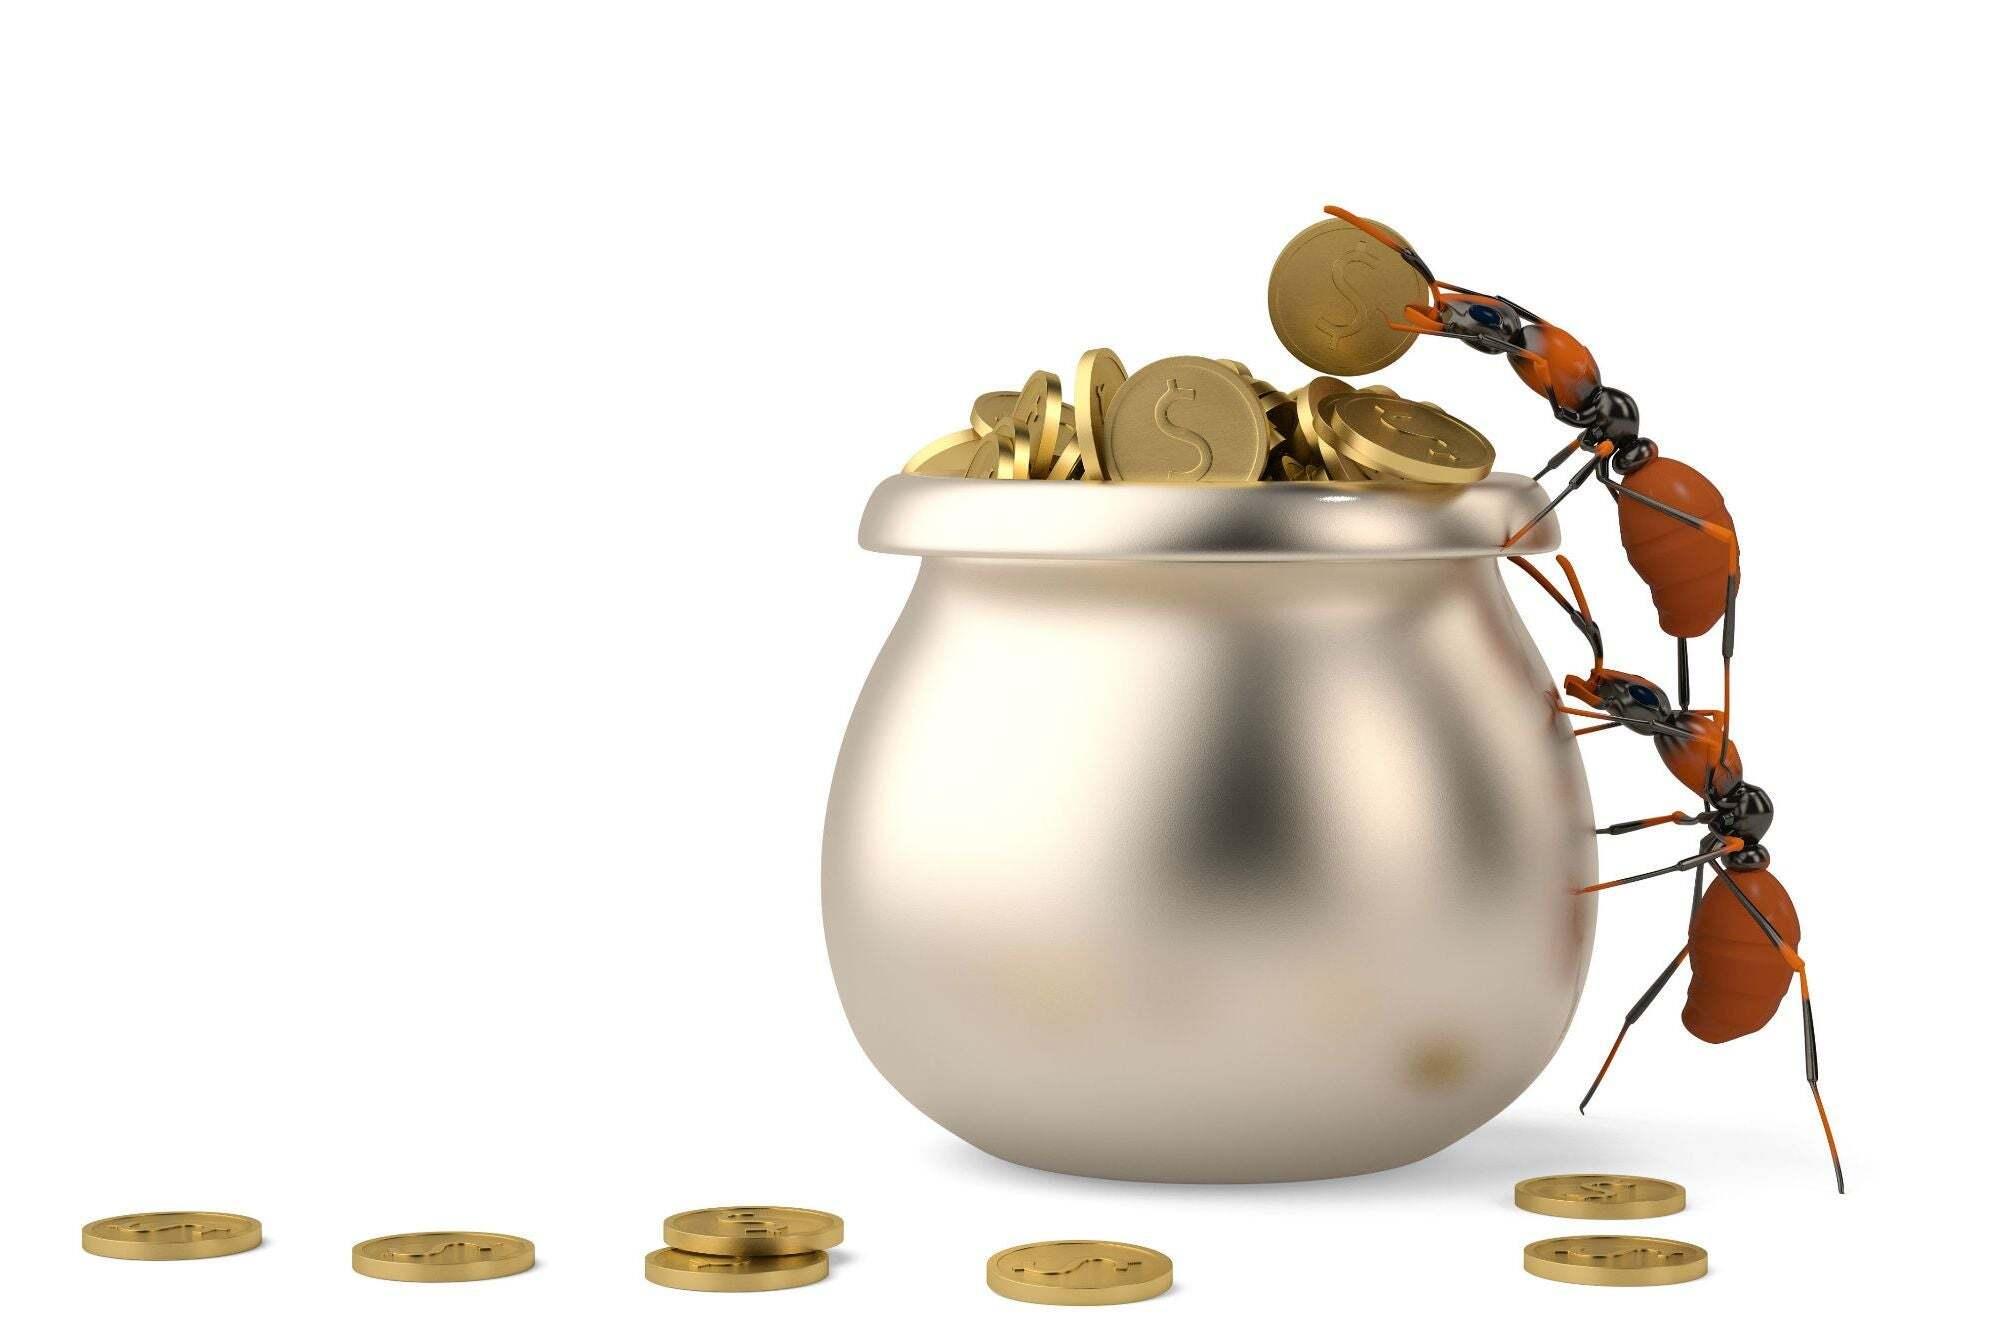 sat, datos bancarios, fondo de ahorro, gastos, gastos hormiga, deducciones, monetizacion, ahorrar,